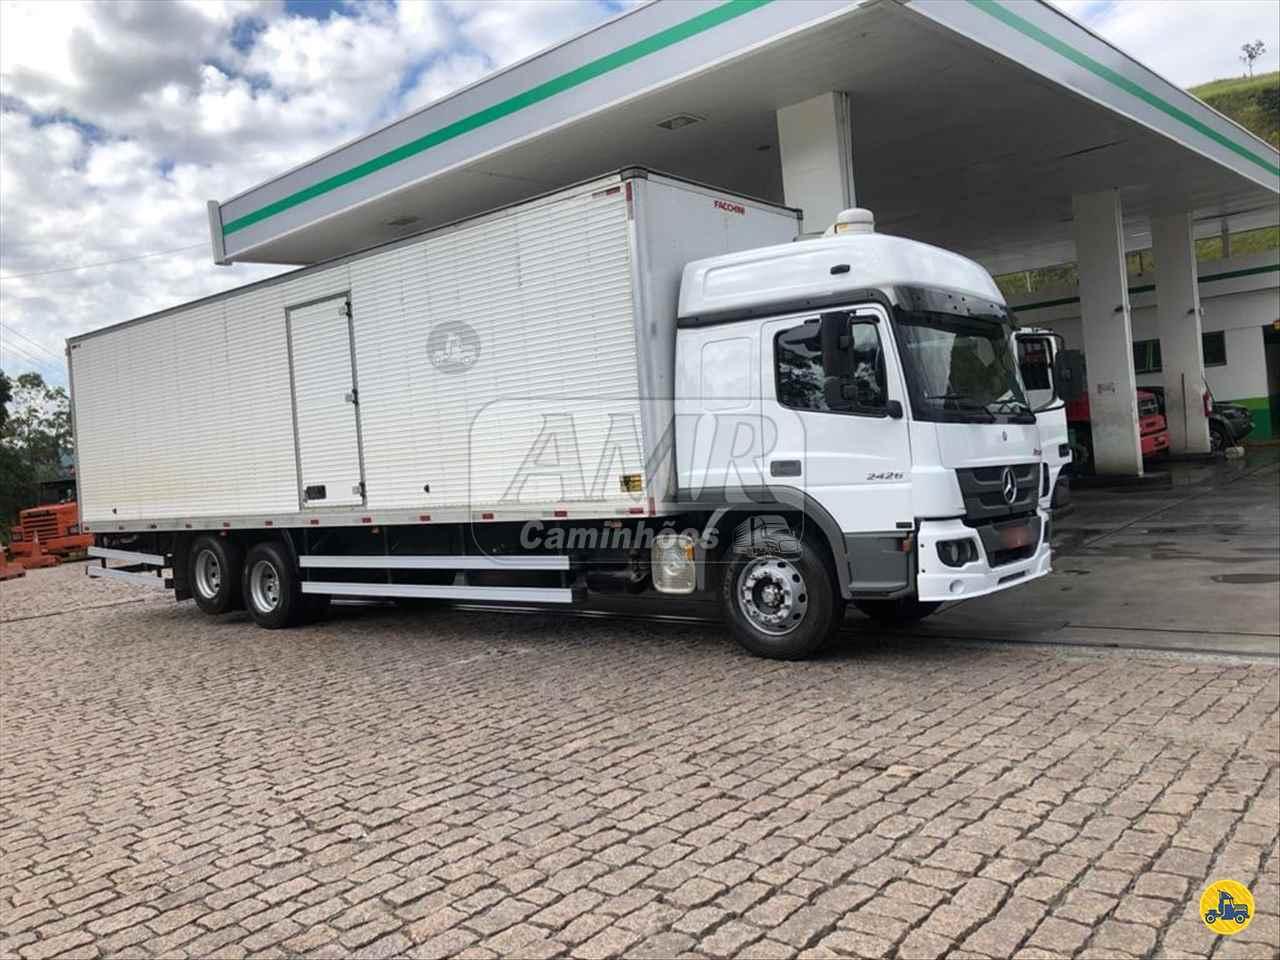 CAMINHAO MERCEDES-BENZ MB 2426 Baú Furgão Truck 6x2 AMR Caminhões JUNDIAI SÃO PAULO SP